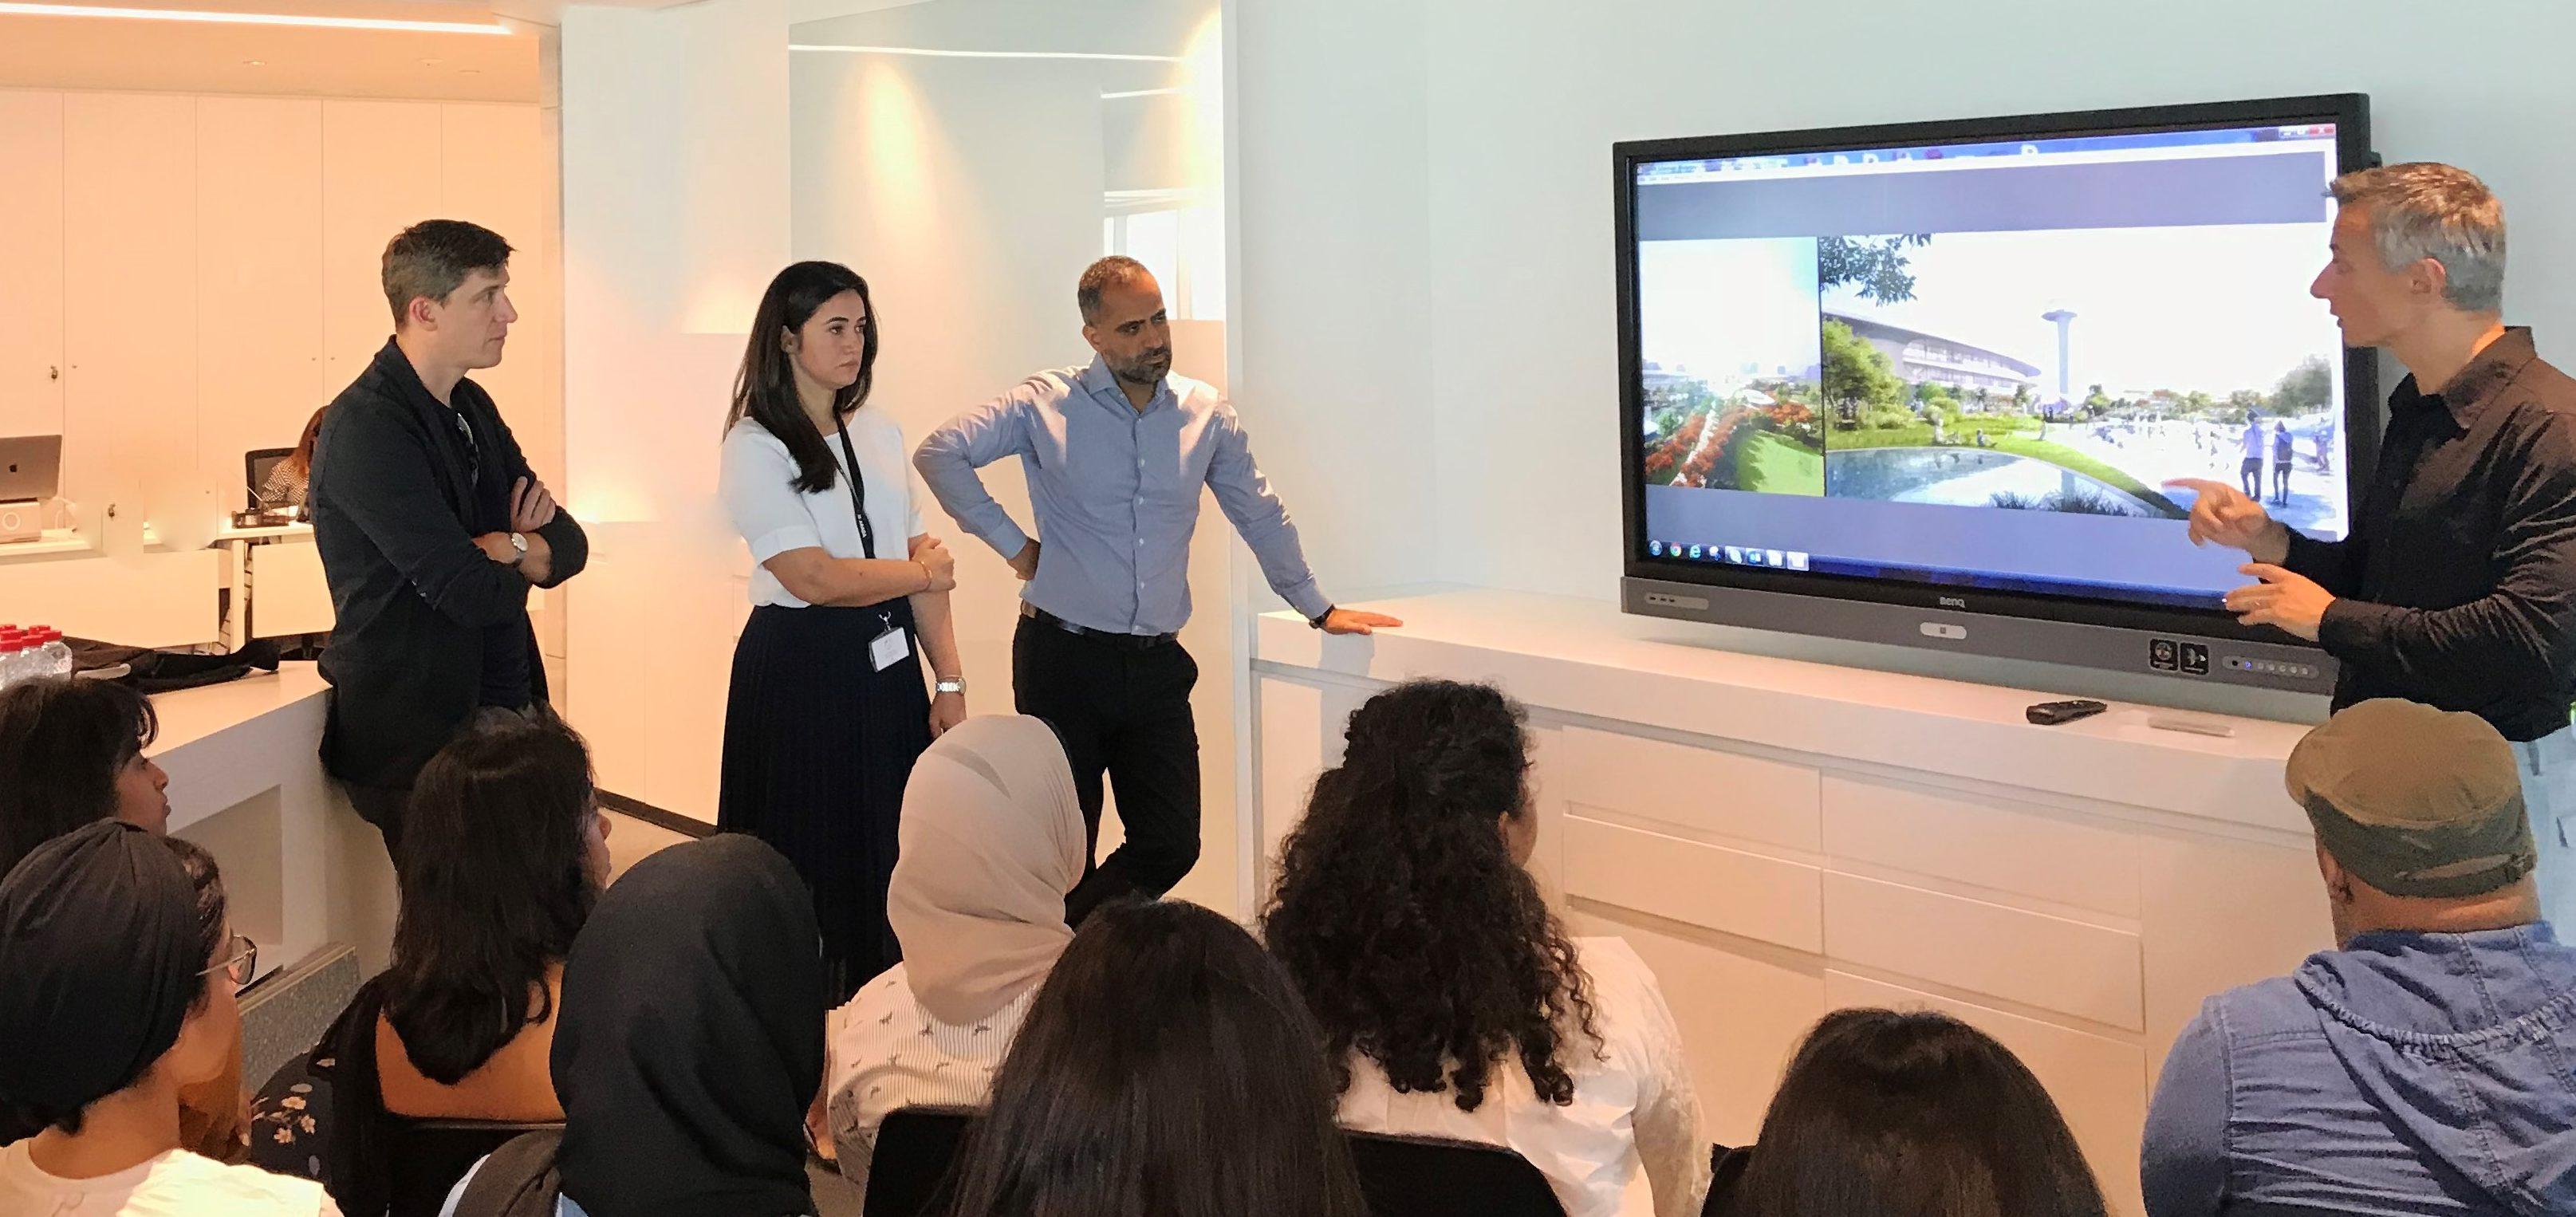 طلاب من الجامعة الأمريكية في الشارقة يشاركون بتصميم جناح الجادة أحد مشاريع آراد